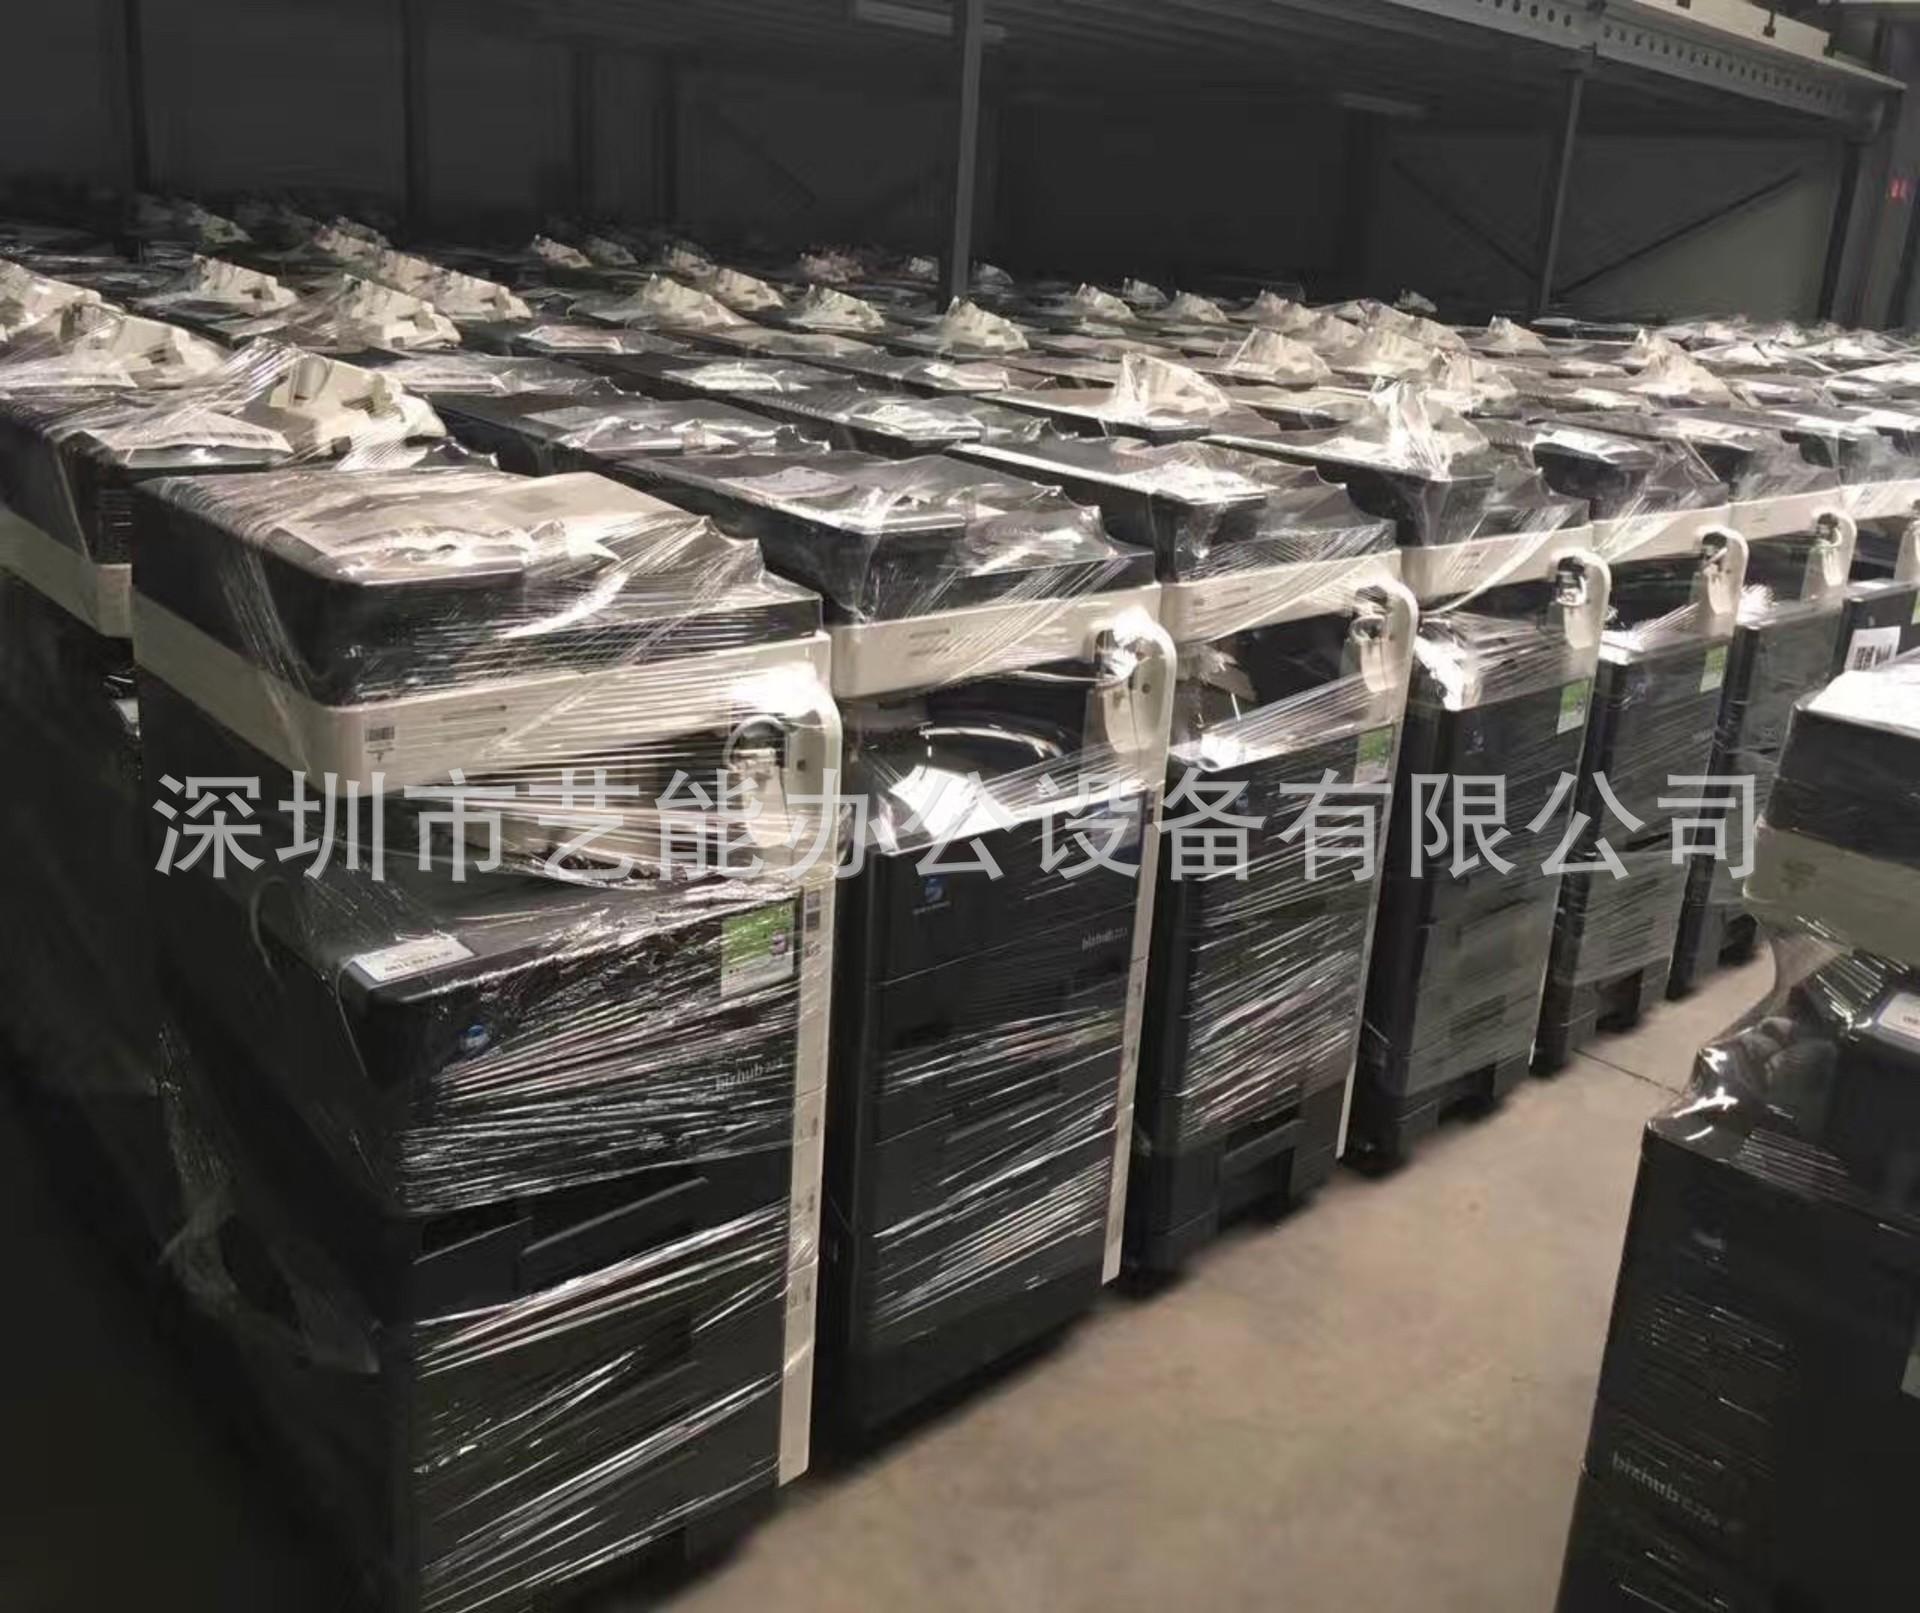 柯美BH363/423 黑白二手复印机批发 激光打印机 厂家直销